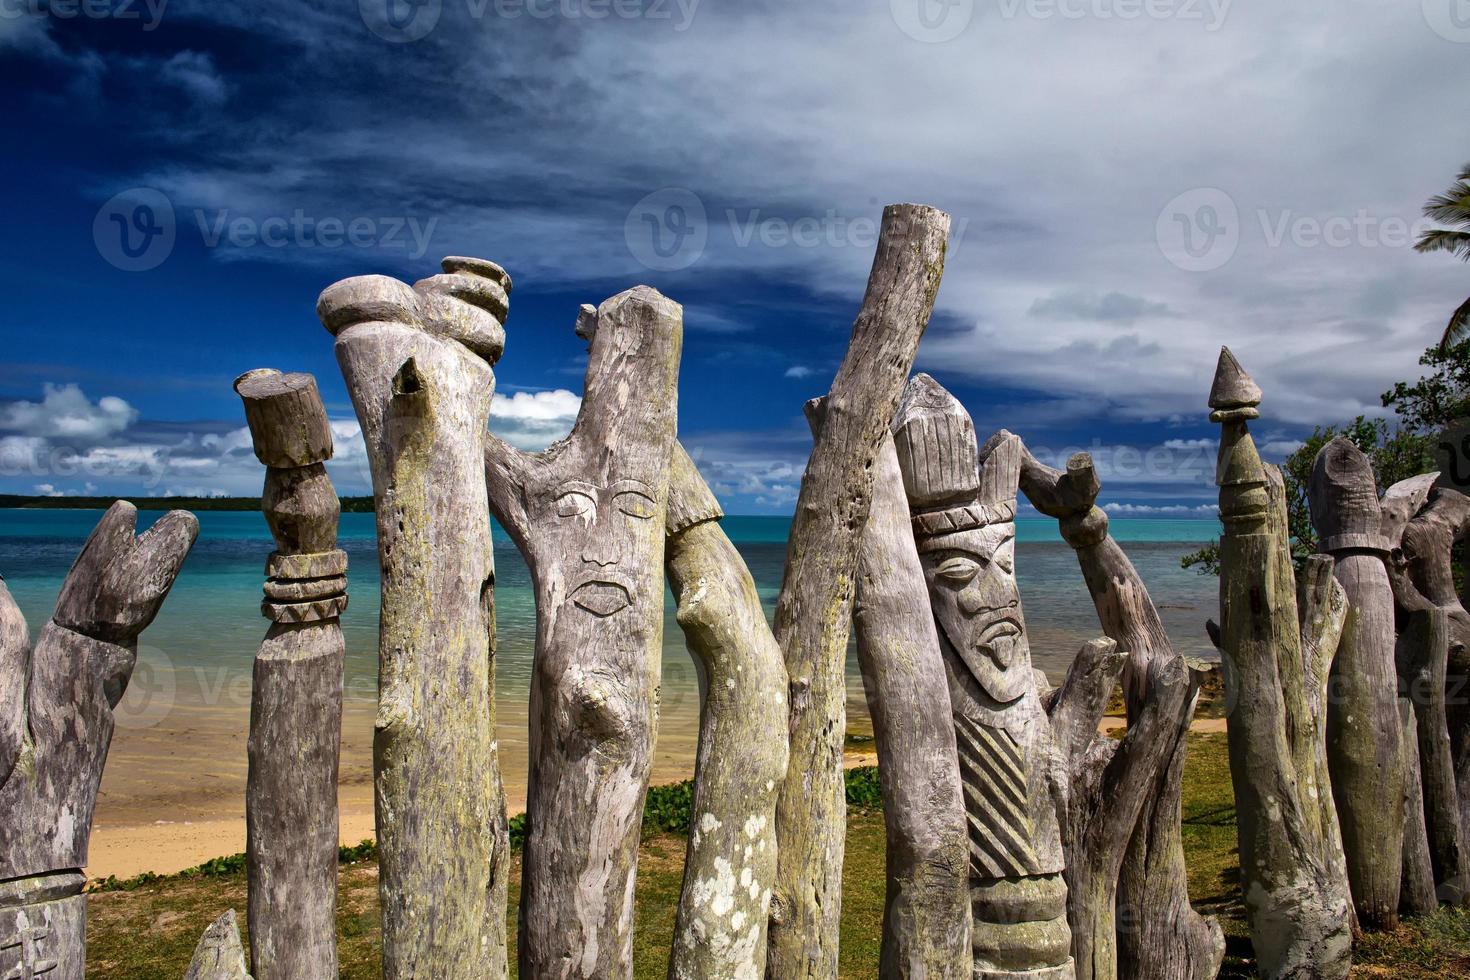 minnesmärke till missionärer på en avlägsen Stilla havet foto